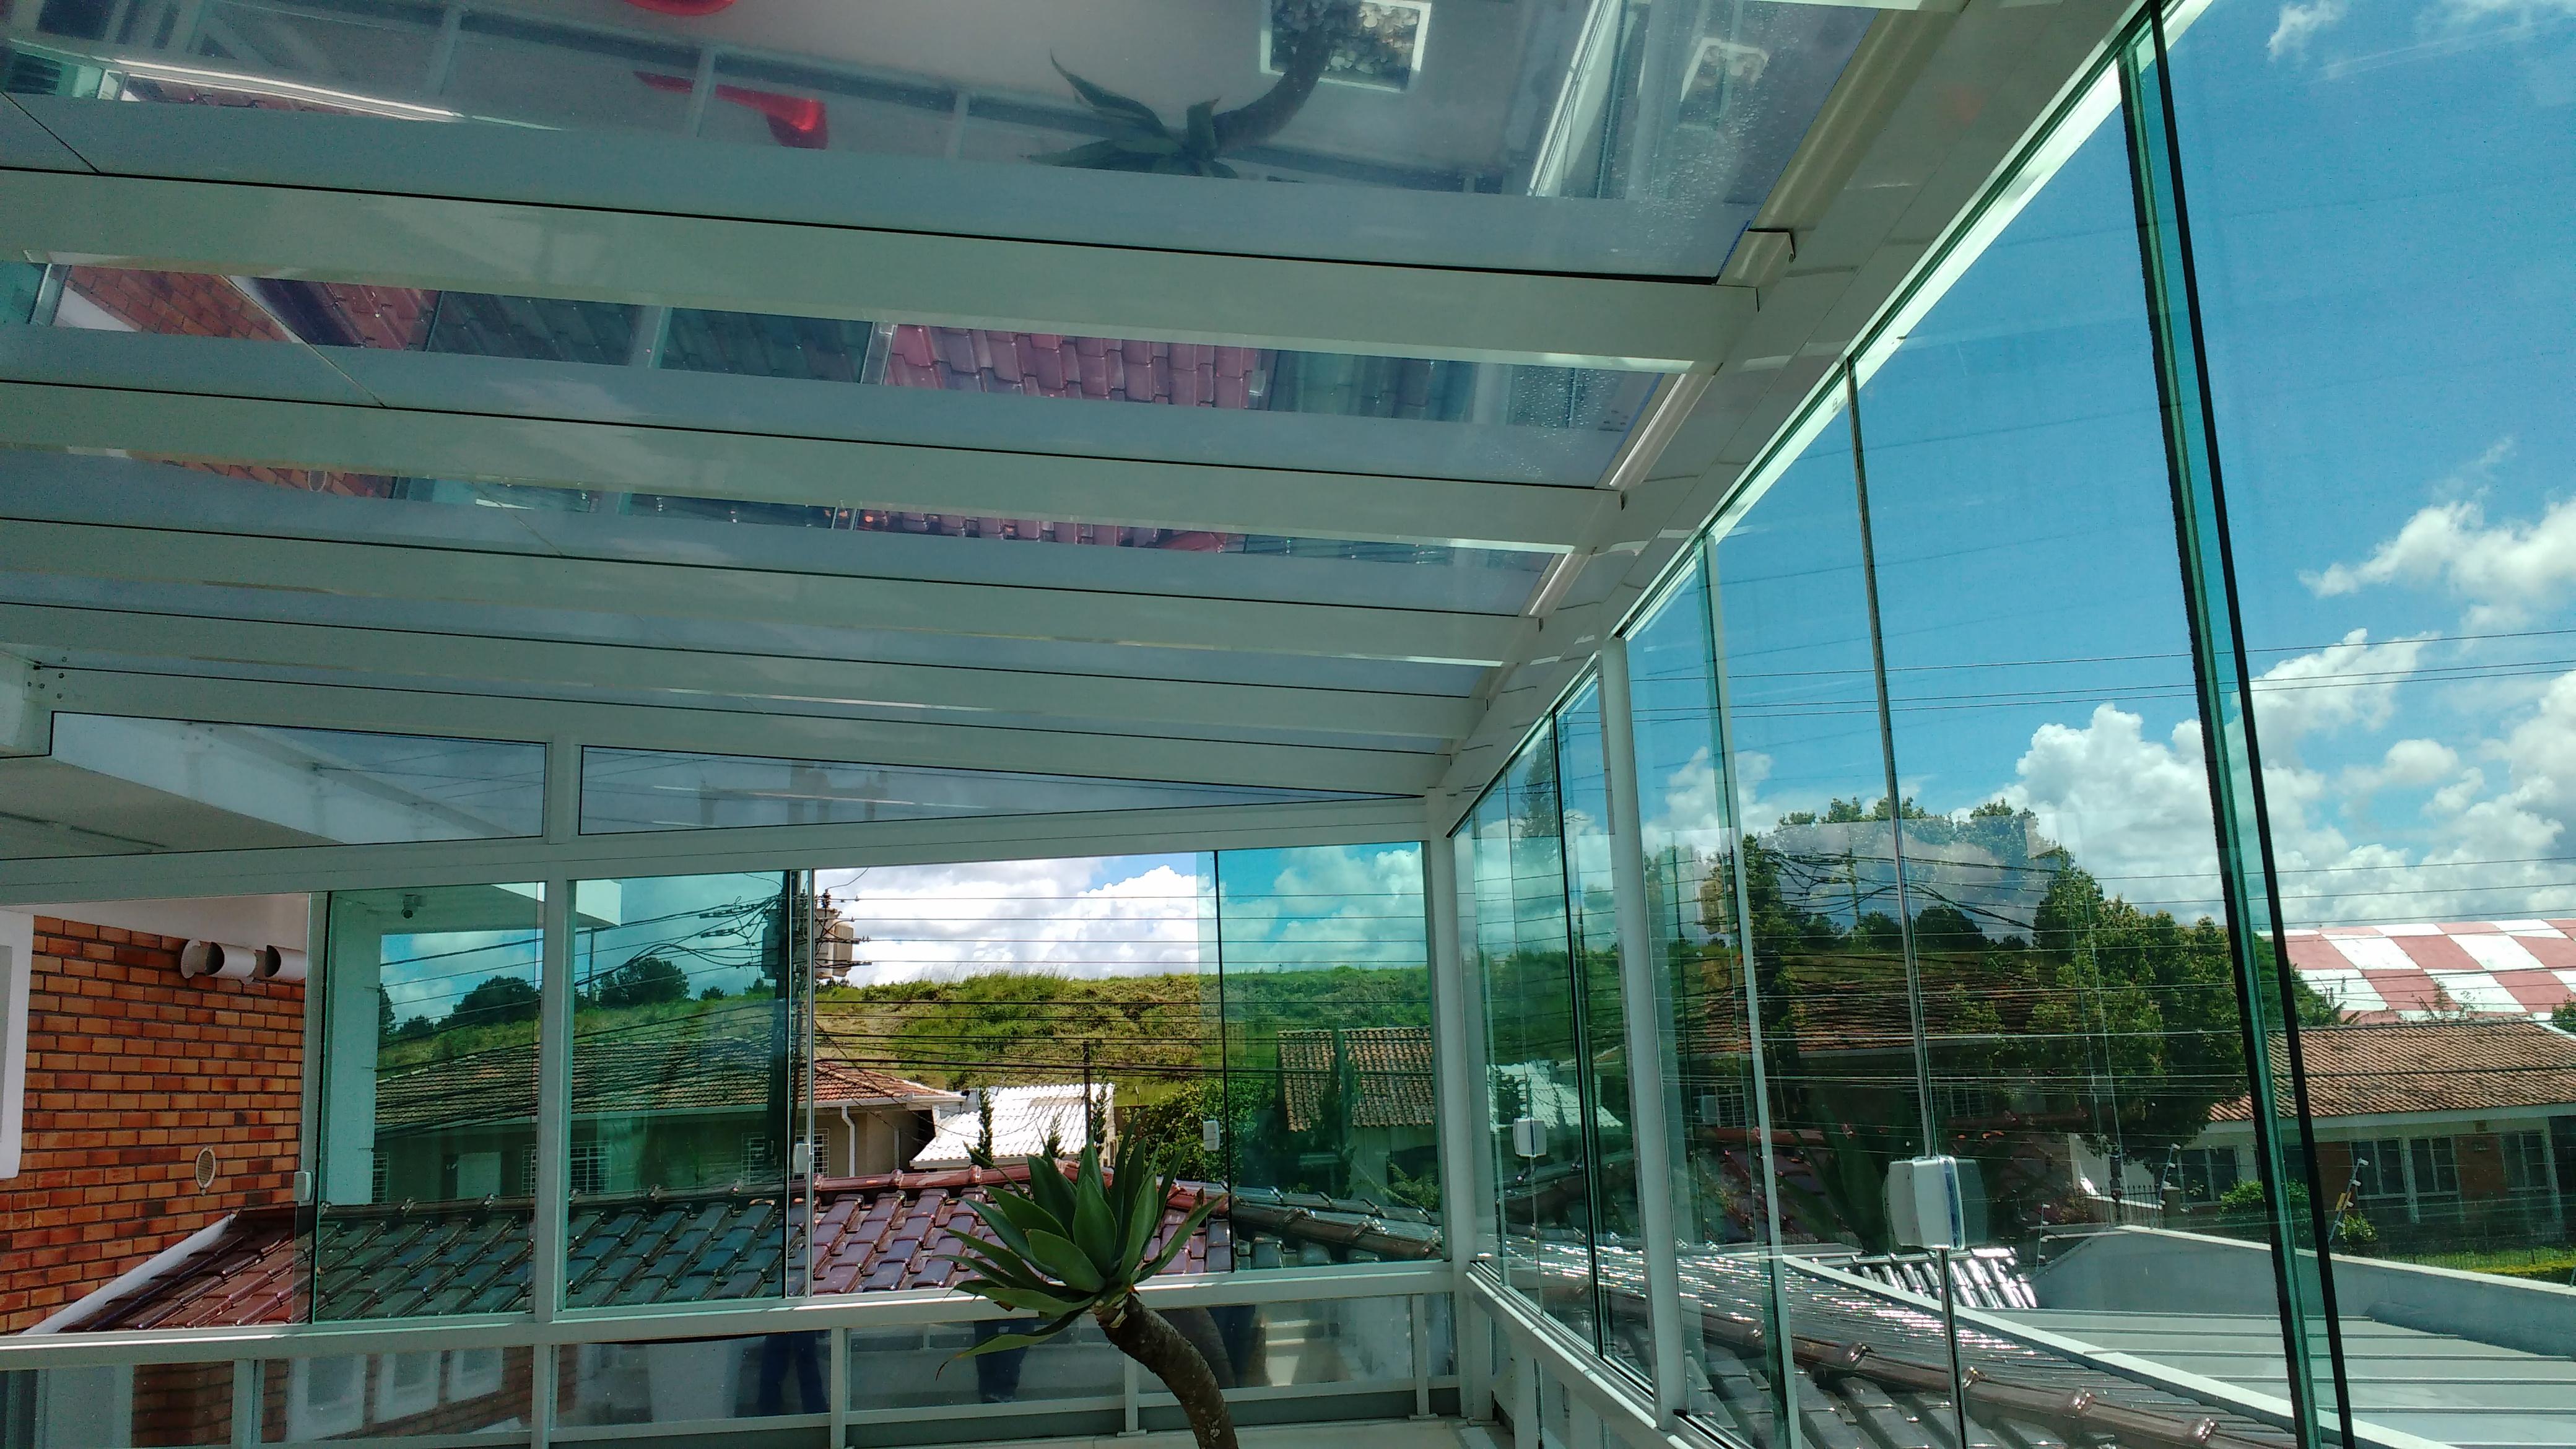 Coberturas de Vidro em Curitiba Vidraçaria Curitiba #387B93 4160 2340